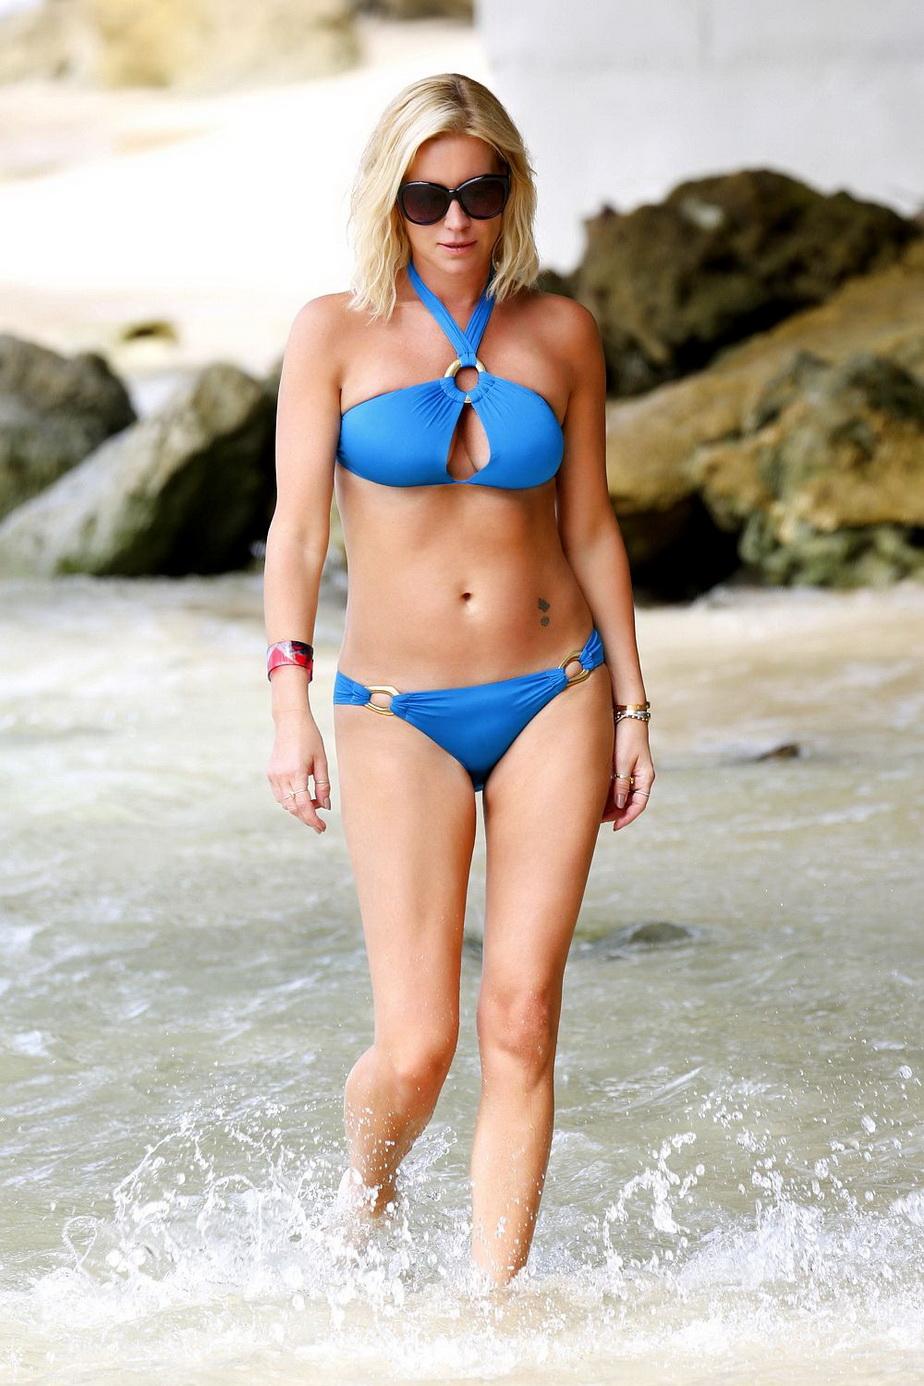 Ea este dovada că femeile de peste 40 de ani sunt superbe! Denise Van Outen este în cea mai bună formă